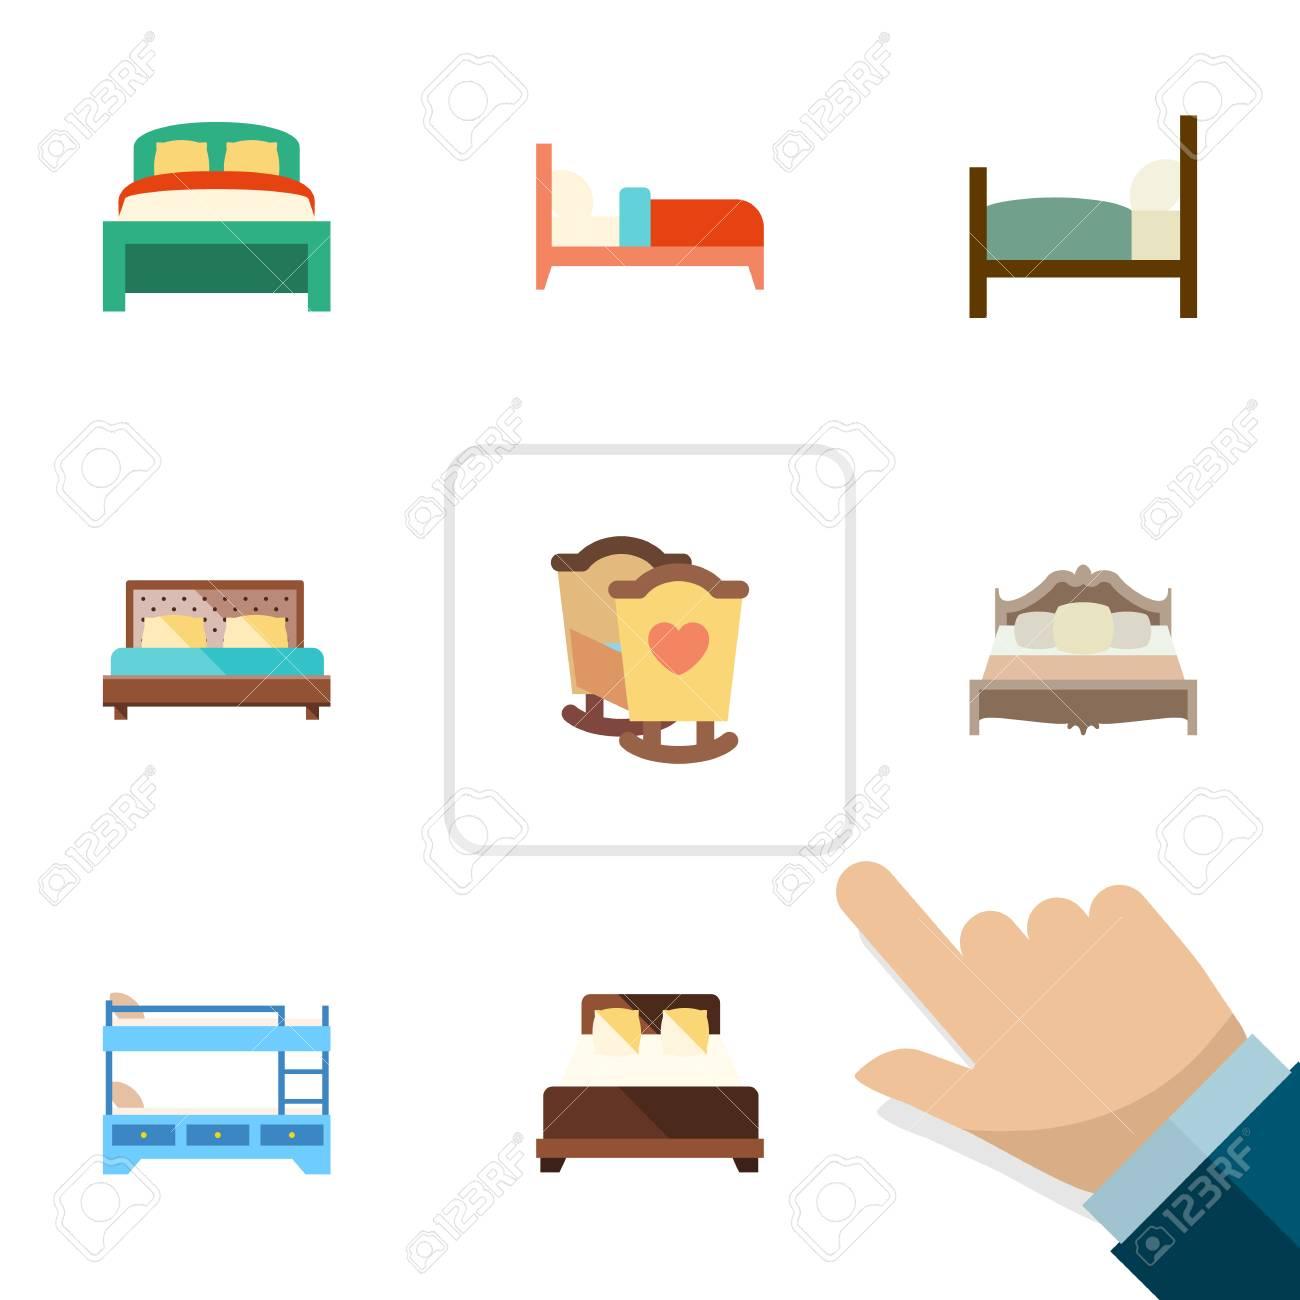 Plano Conjunto De Rodamientos, Cuna, Muebles Y Otros Objetos ...